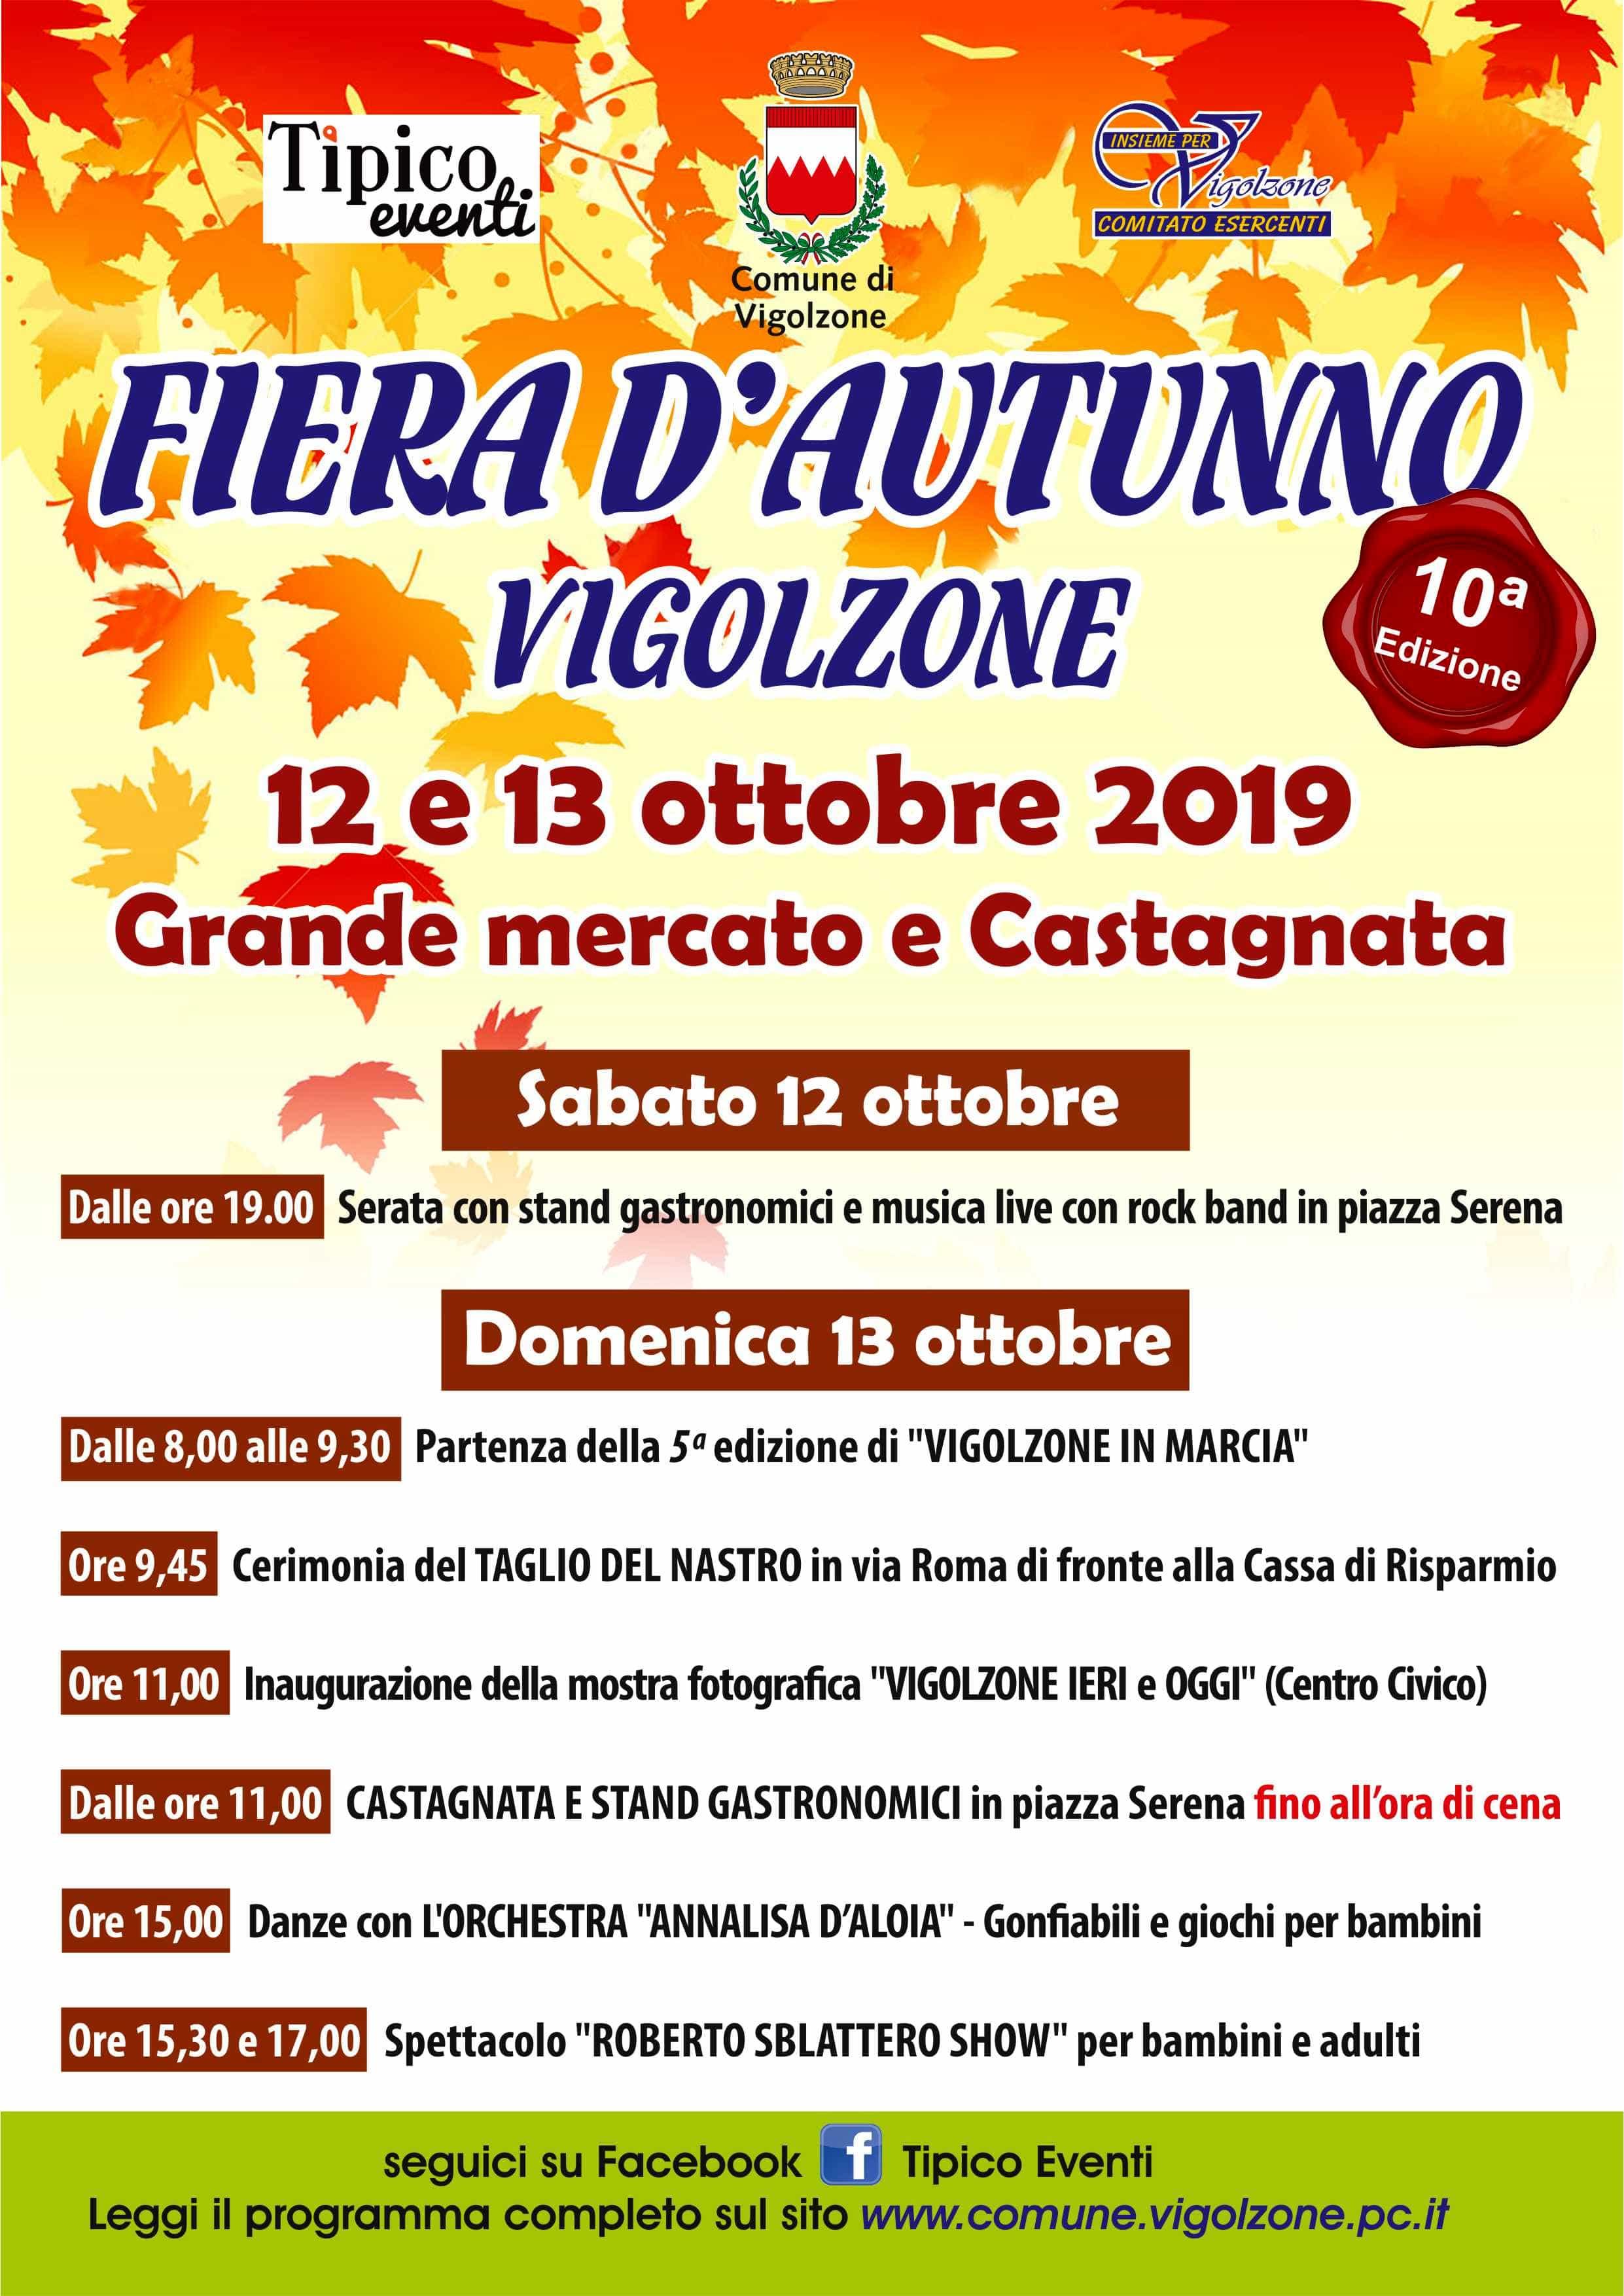 Locandina fiera d'autunno 2019-per web-3